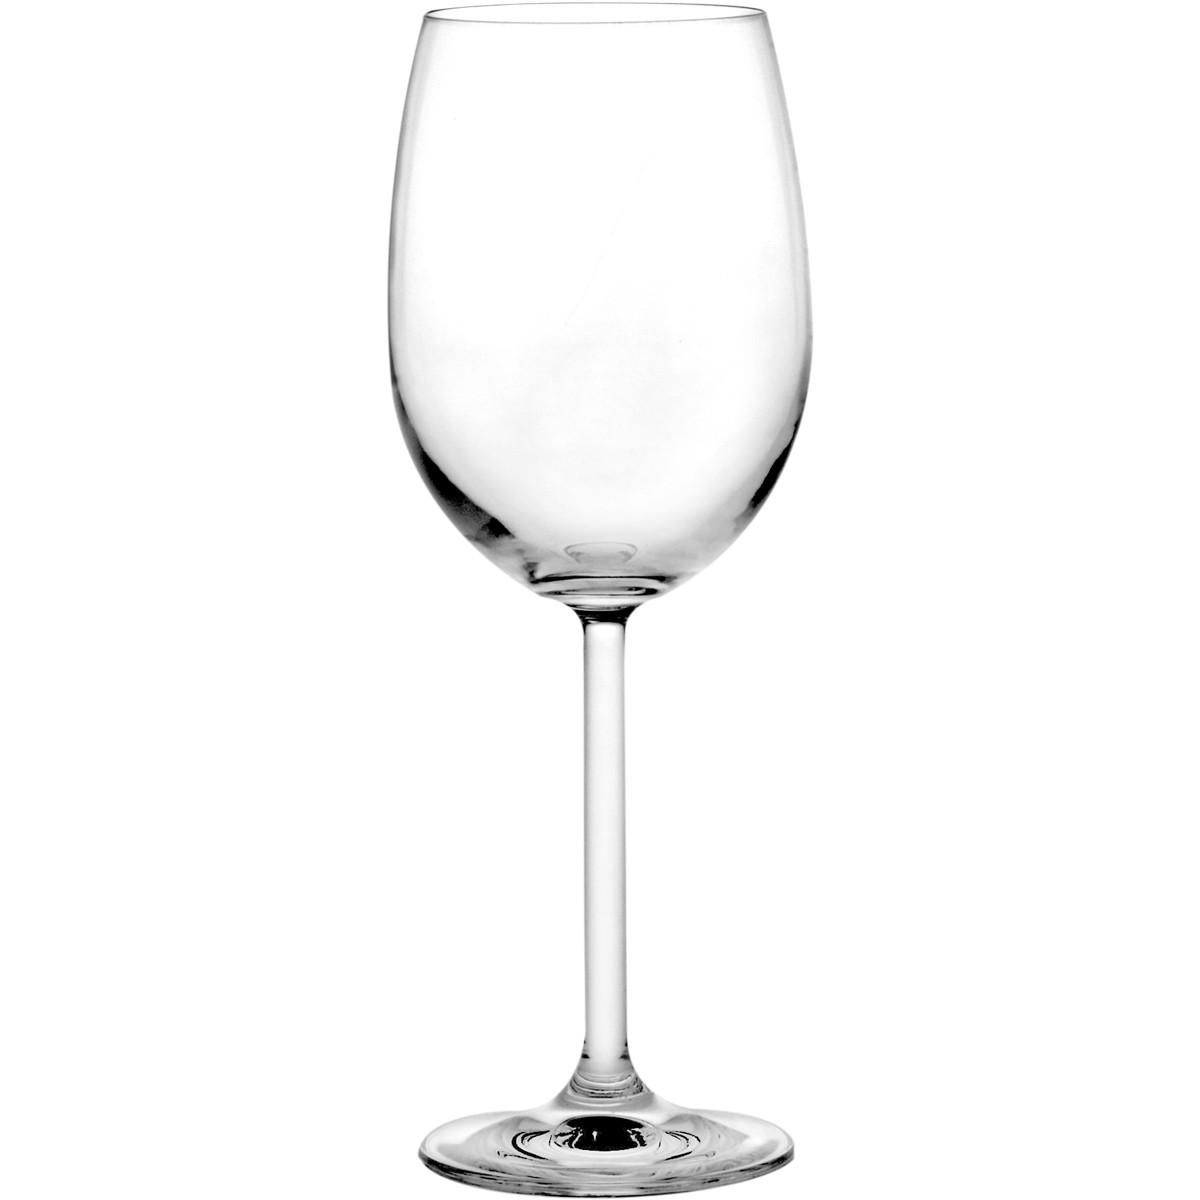 Ποτήρι Κρασιού Κολωνάτο (350ml) Home Design OO2610/35